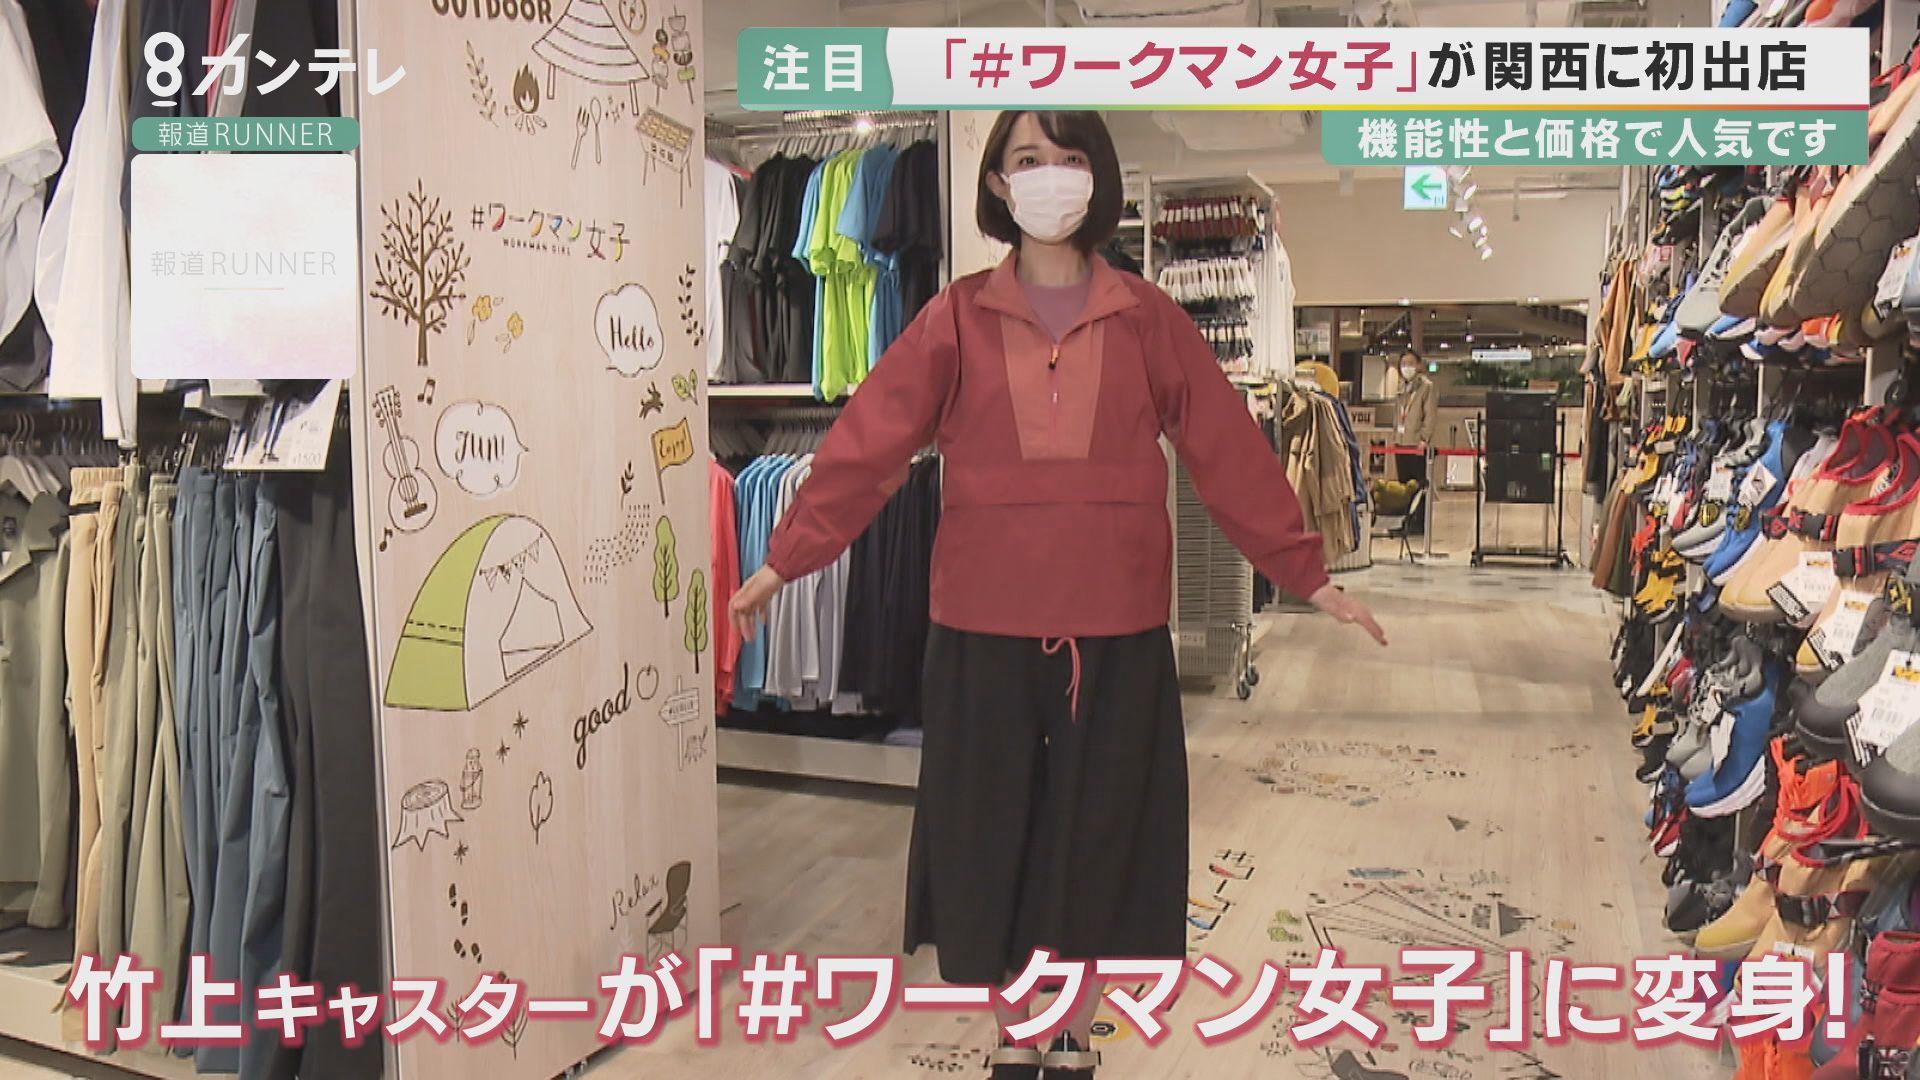 作業服専門店なのに作業服がない…女性ターゲット「#ワークマン女子」が関西初出店! 大阪・なんば